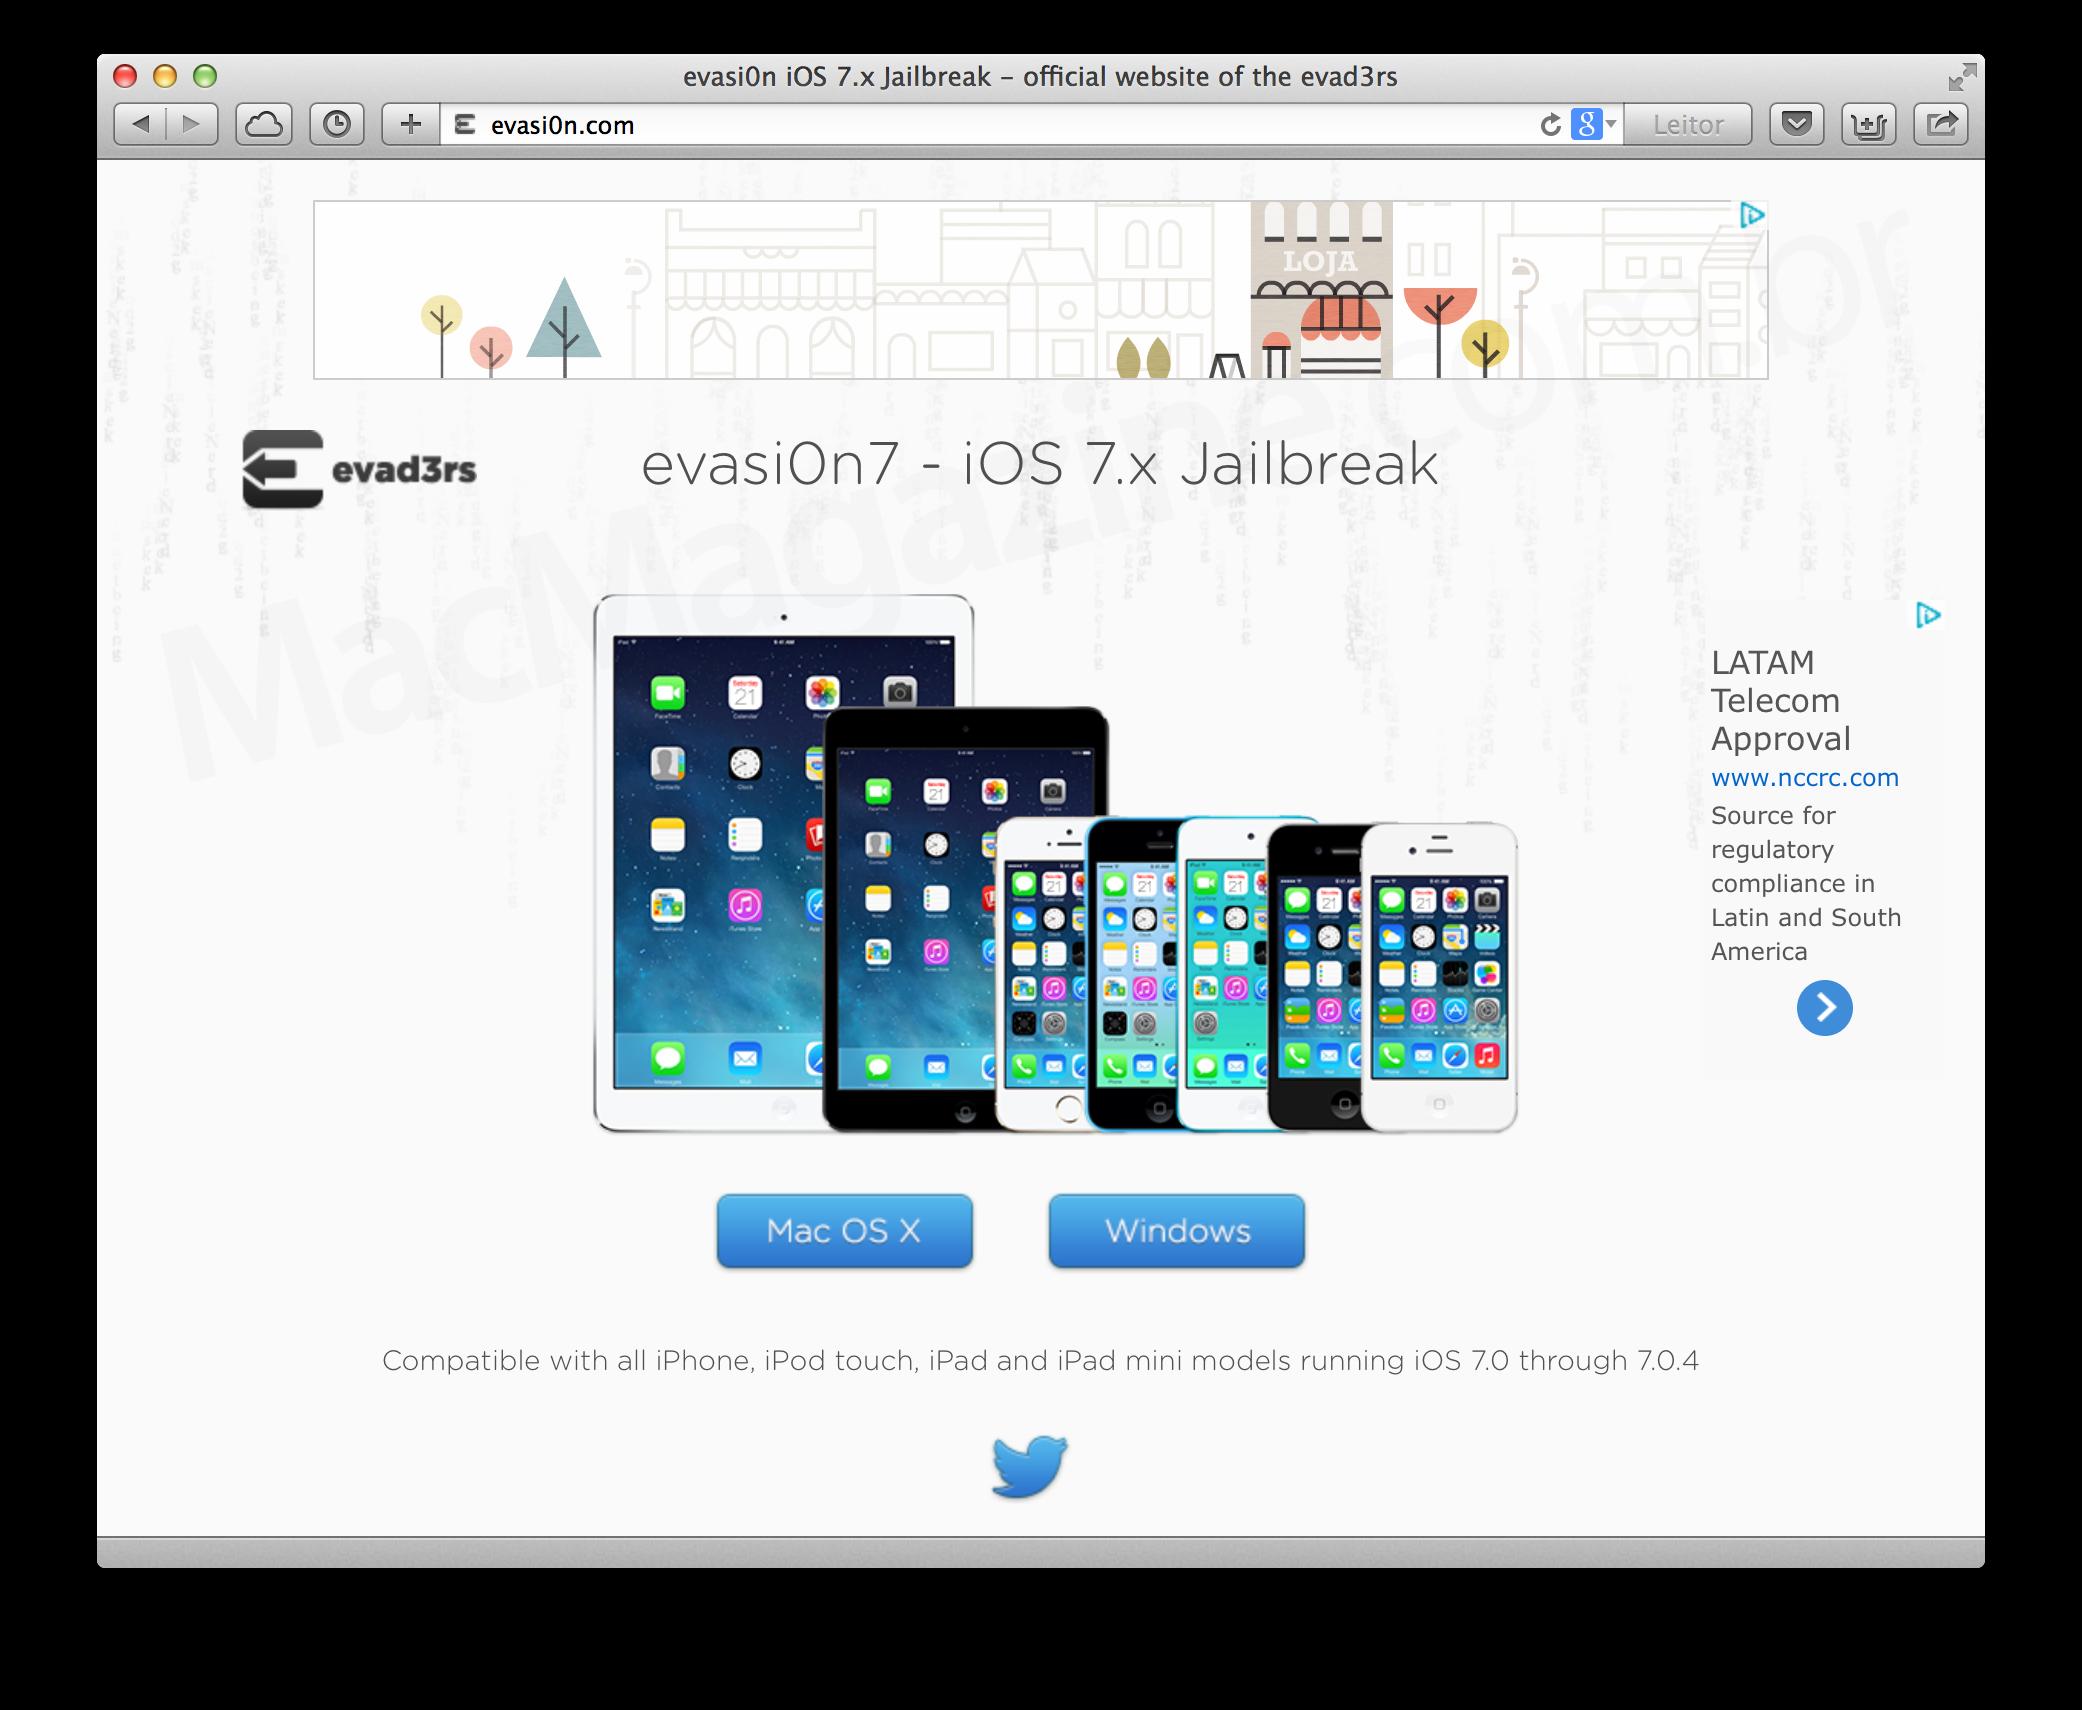 evasi0n para o iOS 7 - novo jailbreak